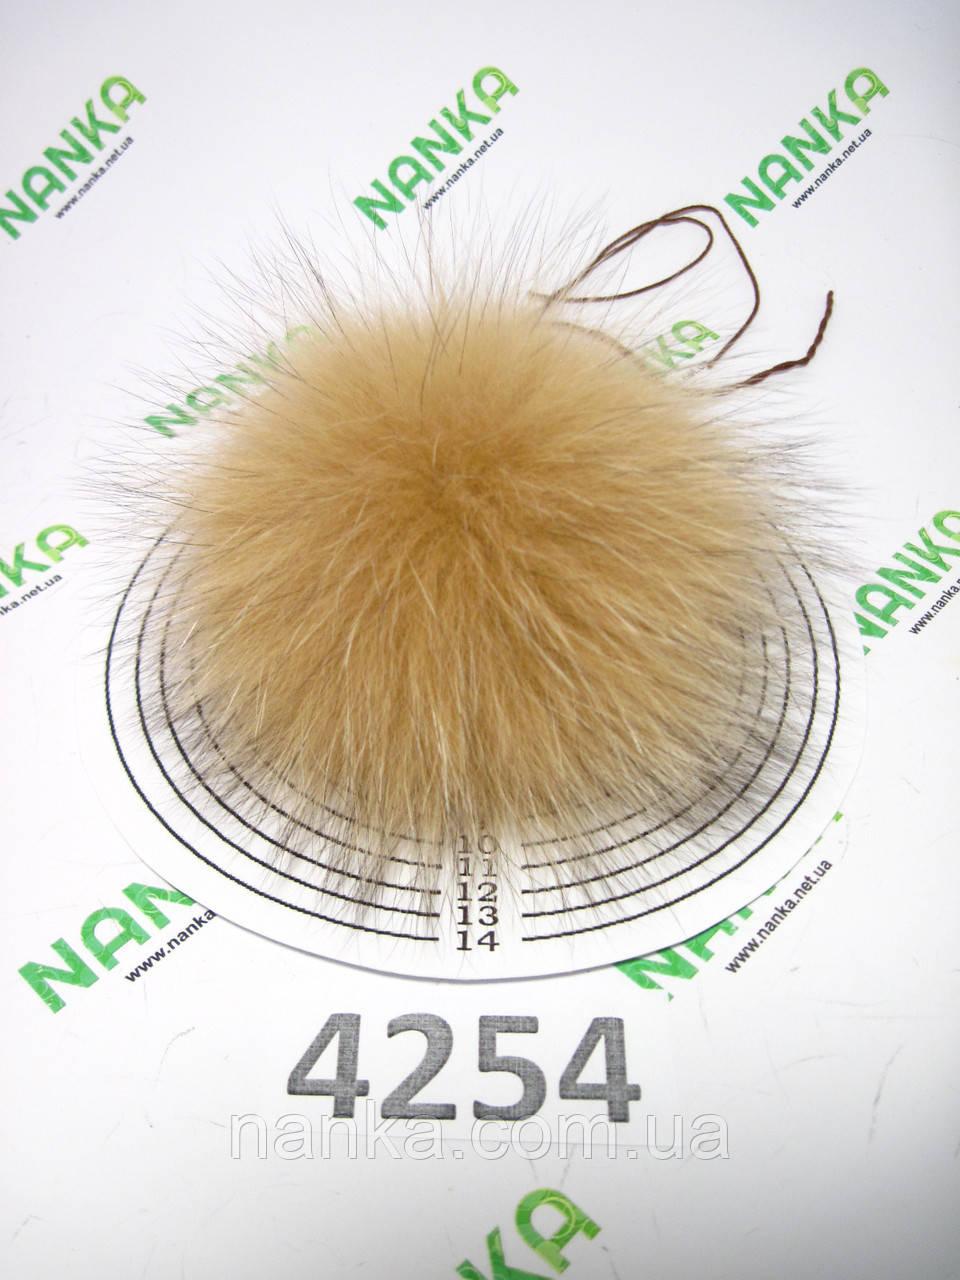 Меховой помпон Песец, Карамелька, 11 см, 4254